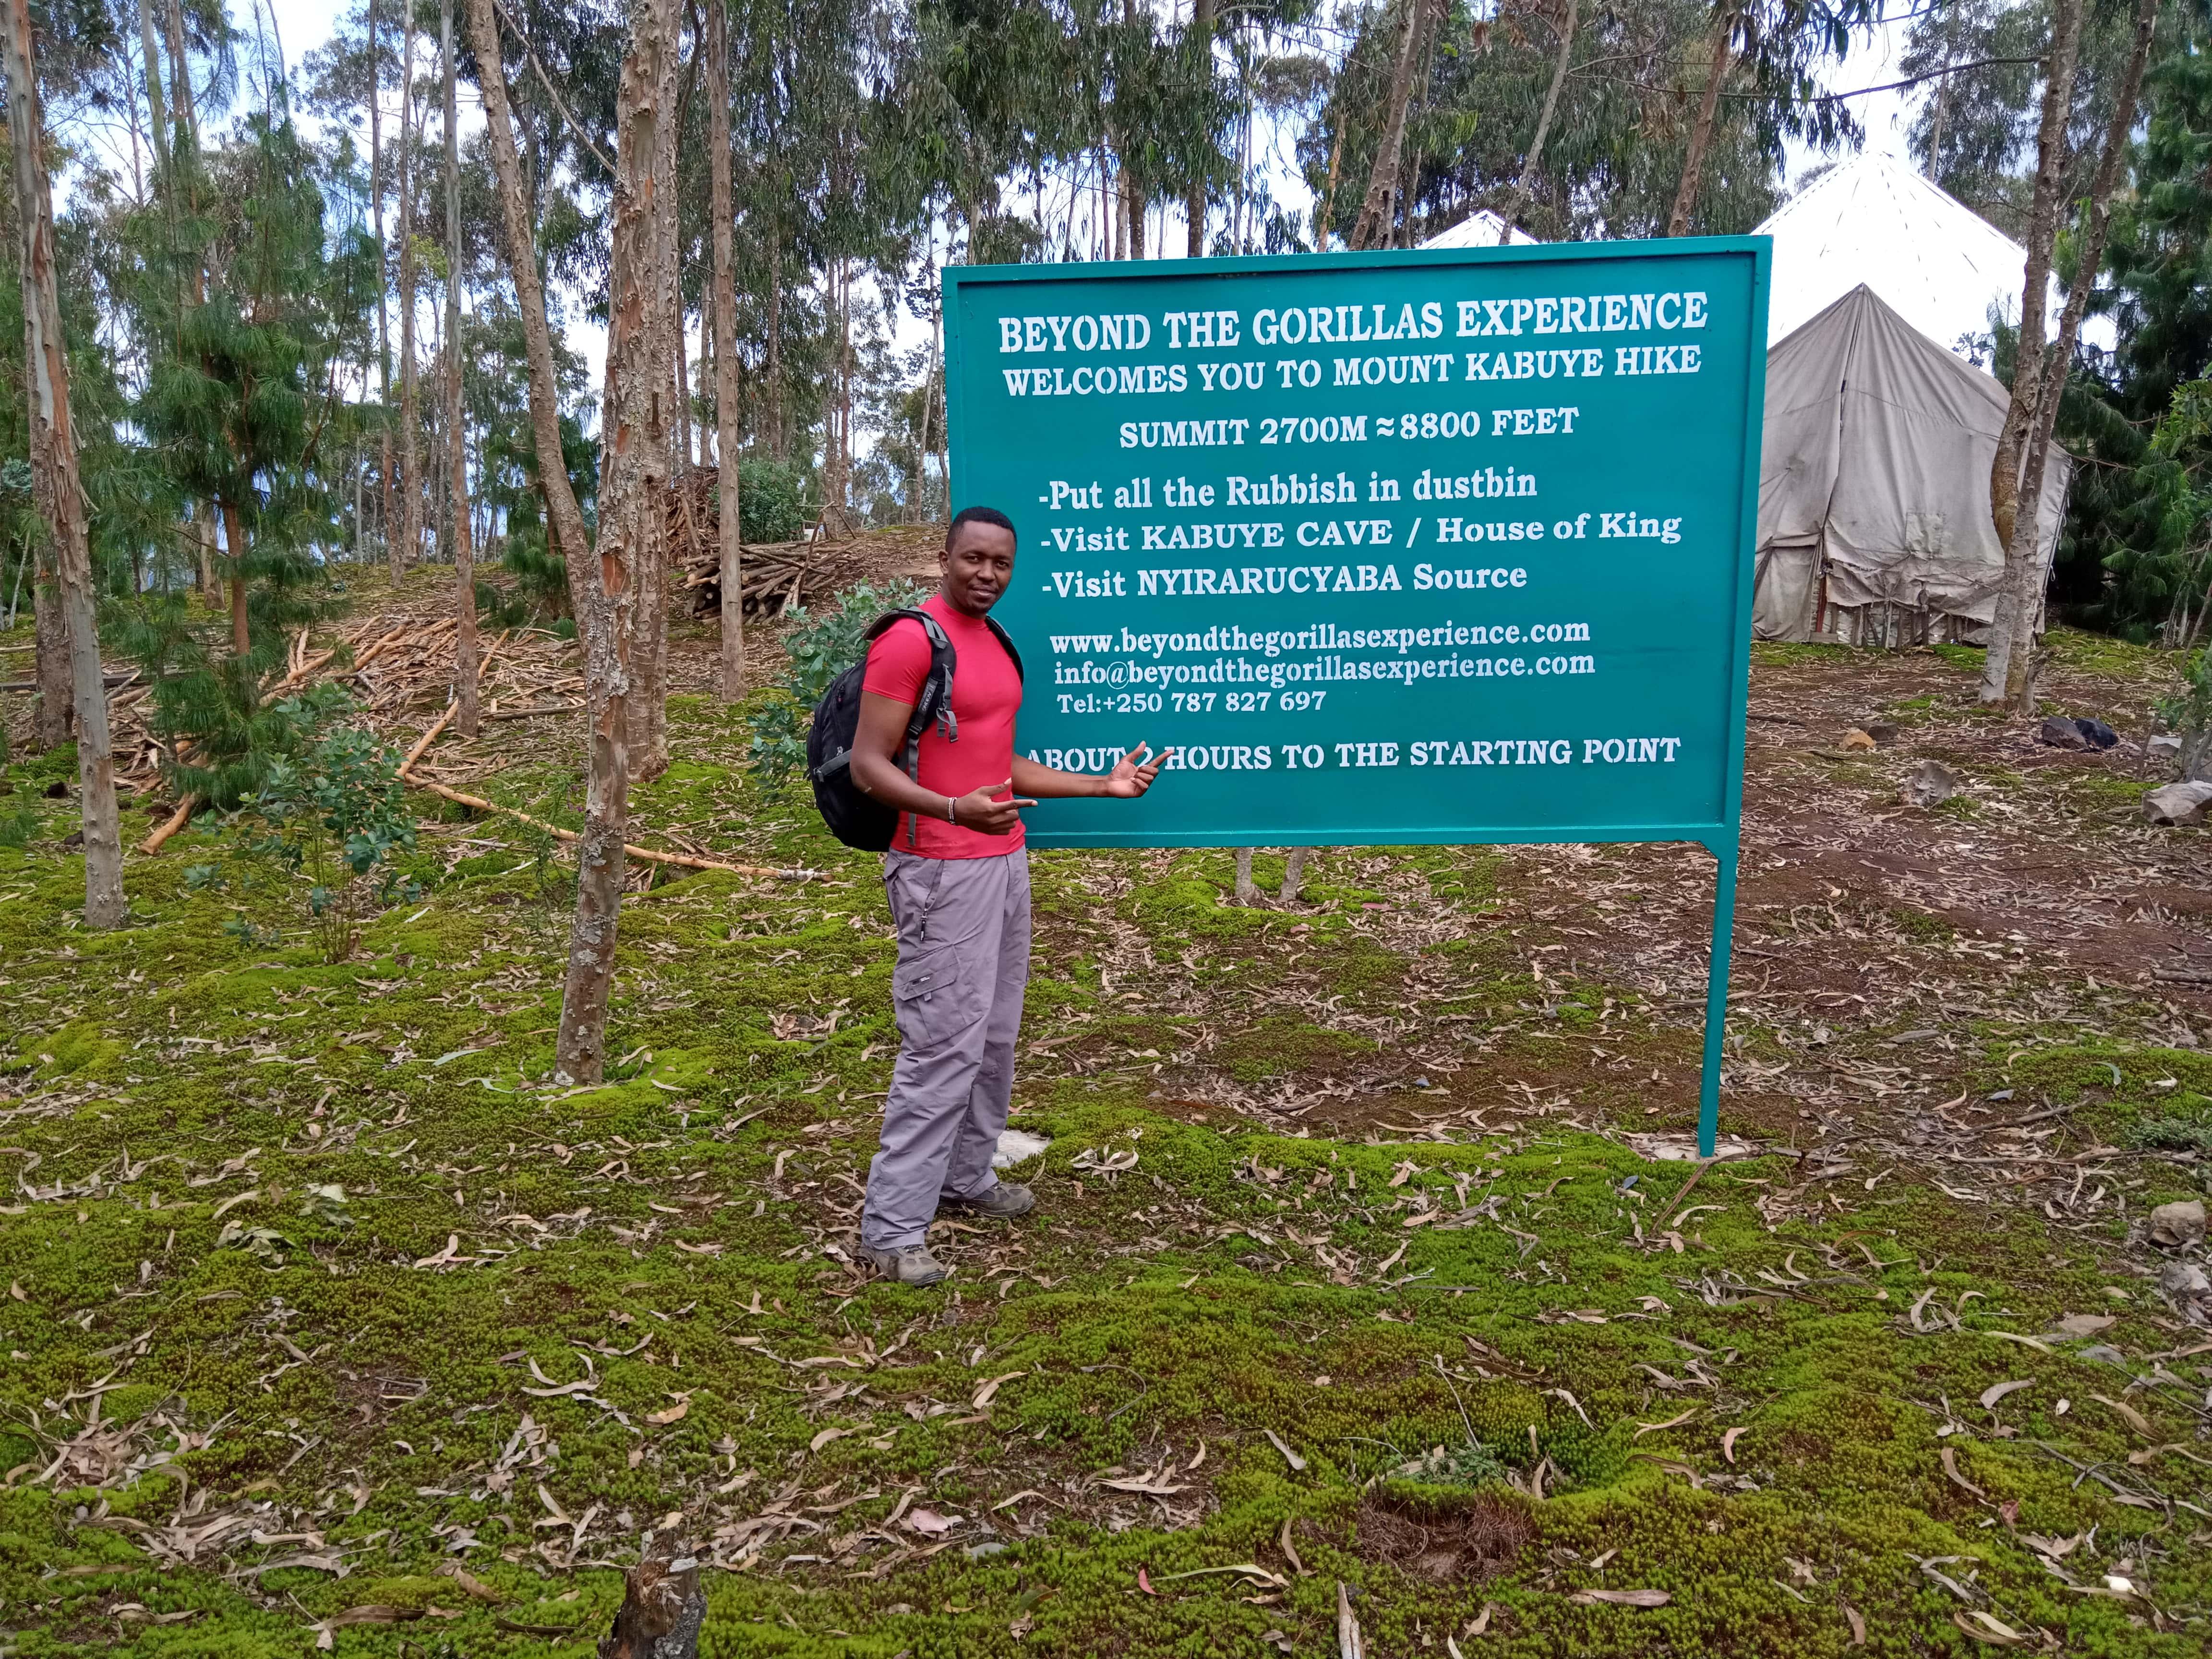 Mount kabuye Summit